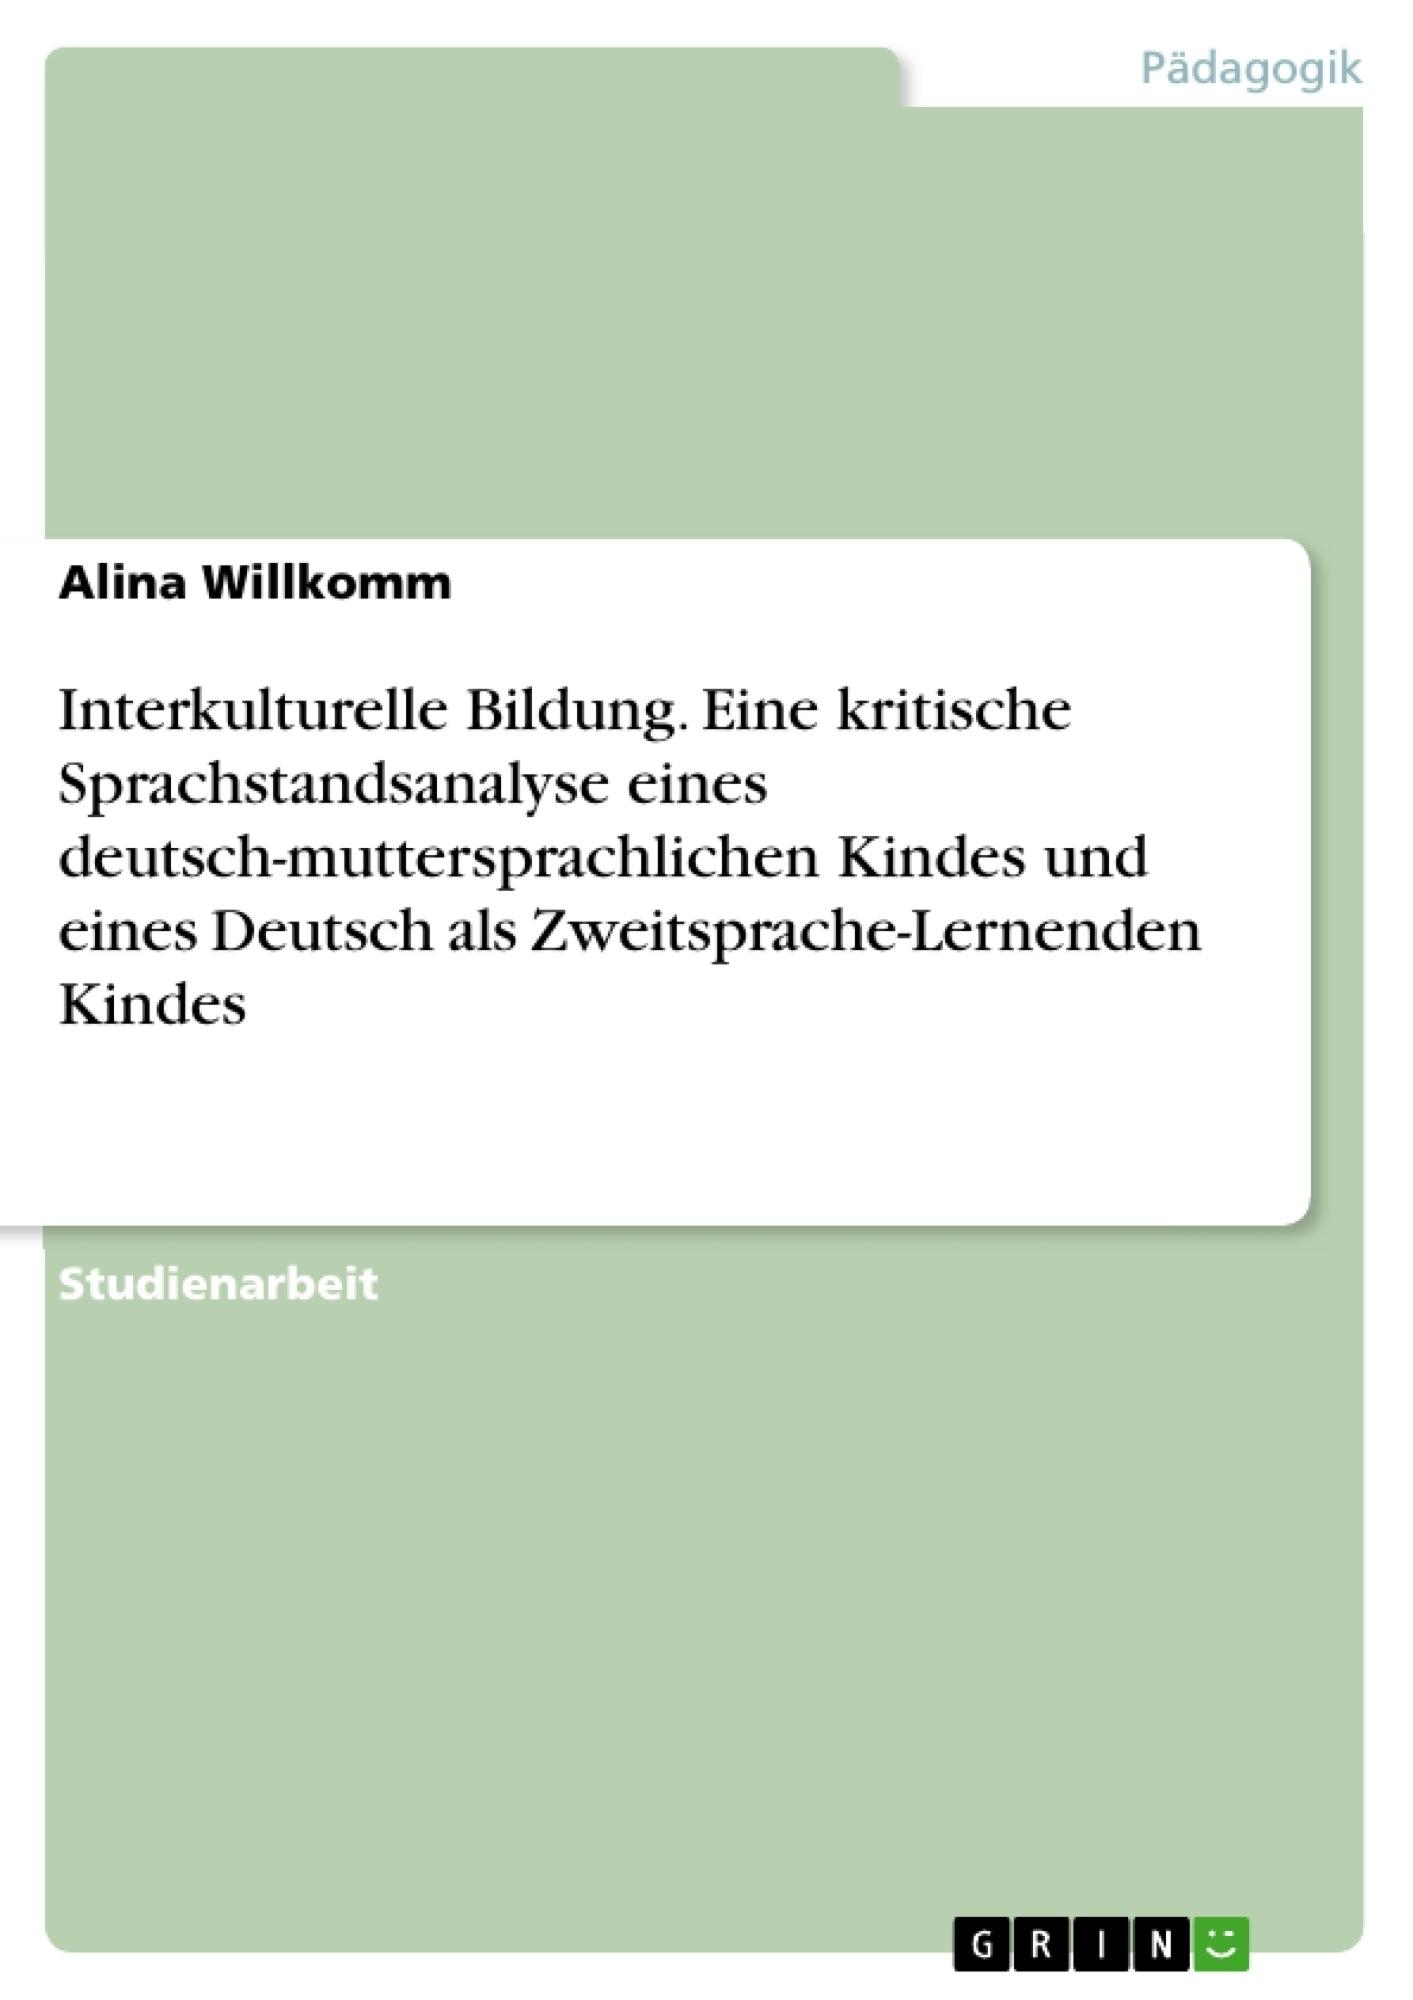 Titel: Interkulturelle Bildung. Eine kritische Sprachstandsanalyse eines deutsch-muttersprachlichen Kindes und eines Deutsch als Zweitsprache-Lernenden Kindes